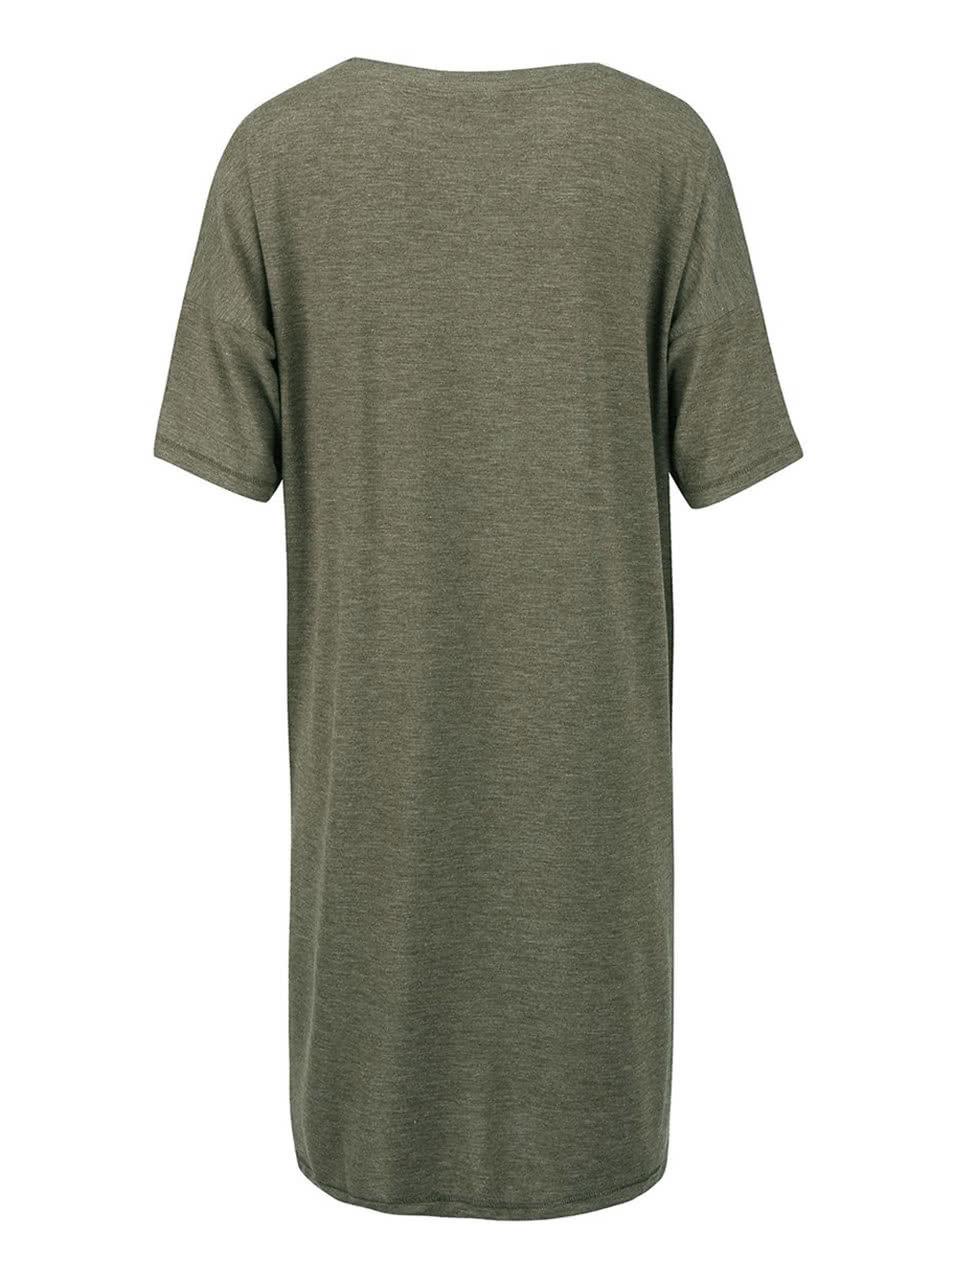 578a2560a29f Kaki melírované voľnejšie dlhé tričko VERO MODA Ida ...